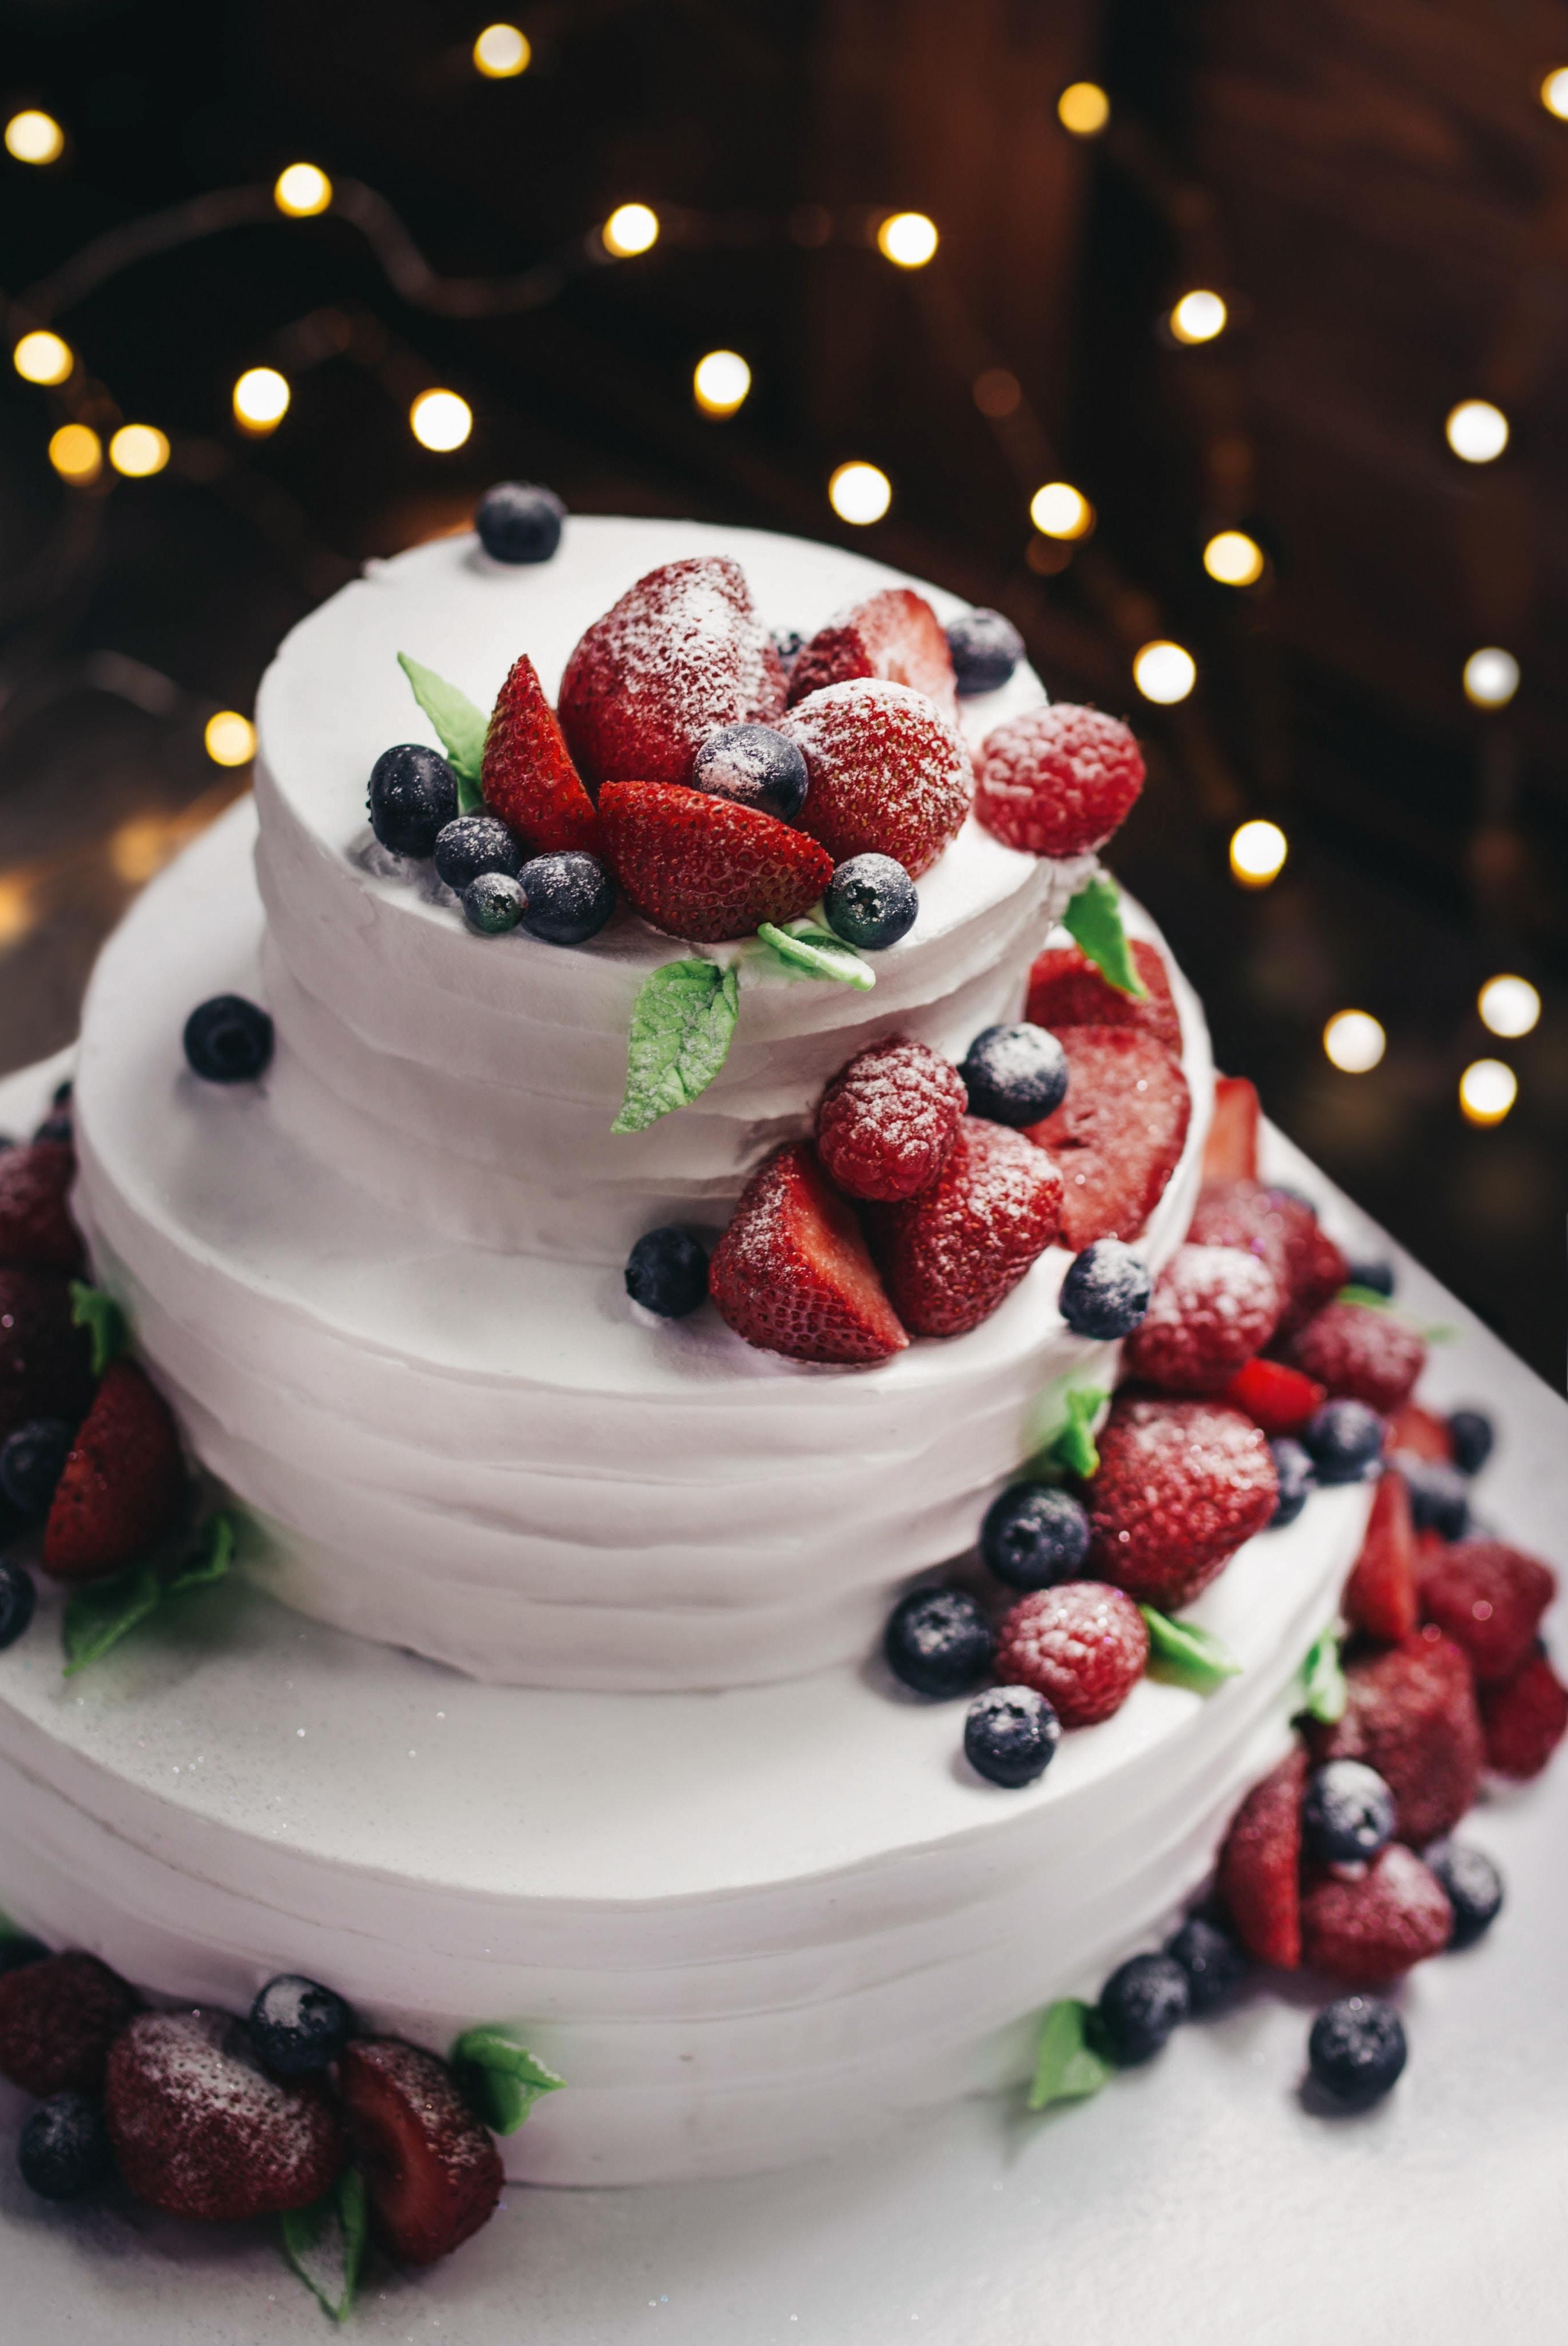 photo d'une pièce montée pour mariage avec de la crème et des fruits rouges, fraise etc